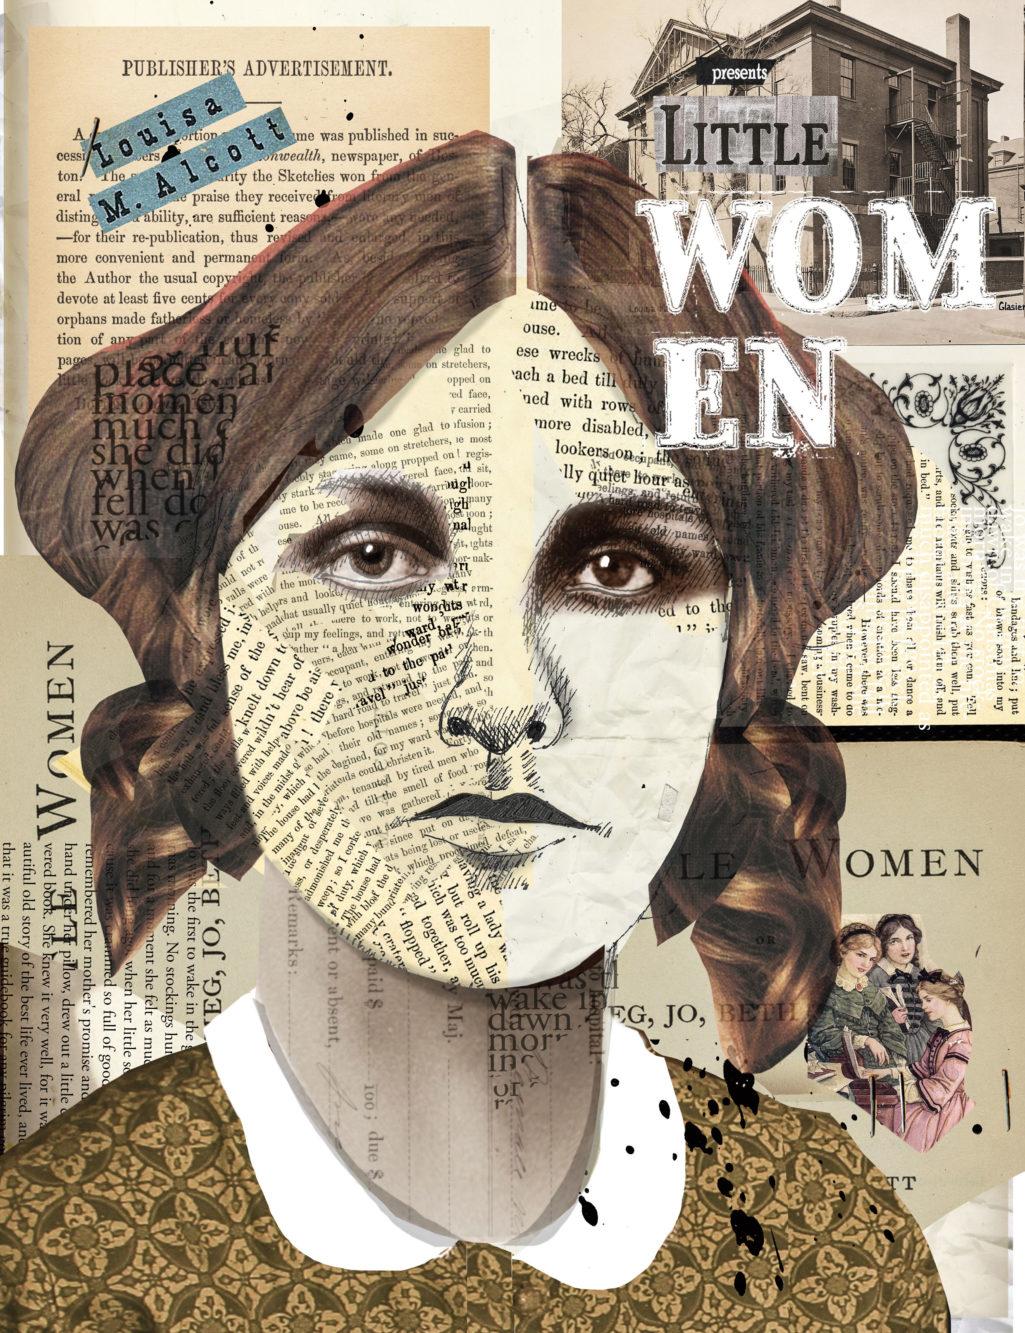 klittle-women-klar